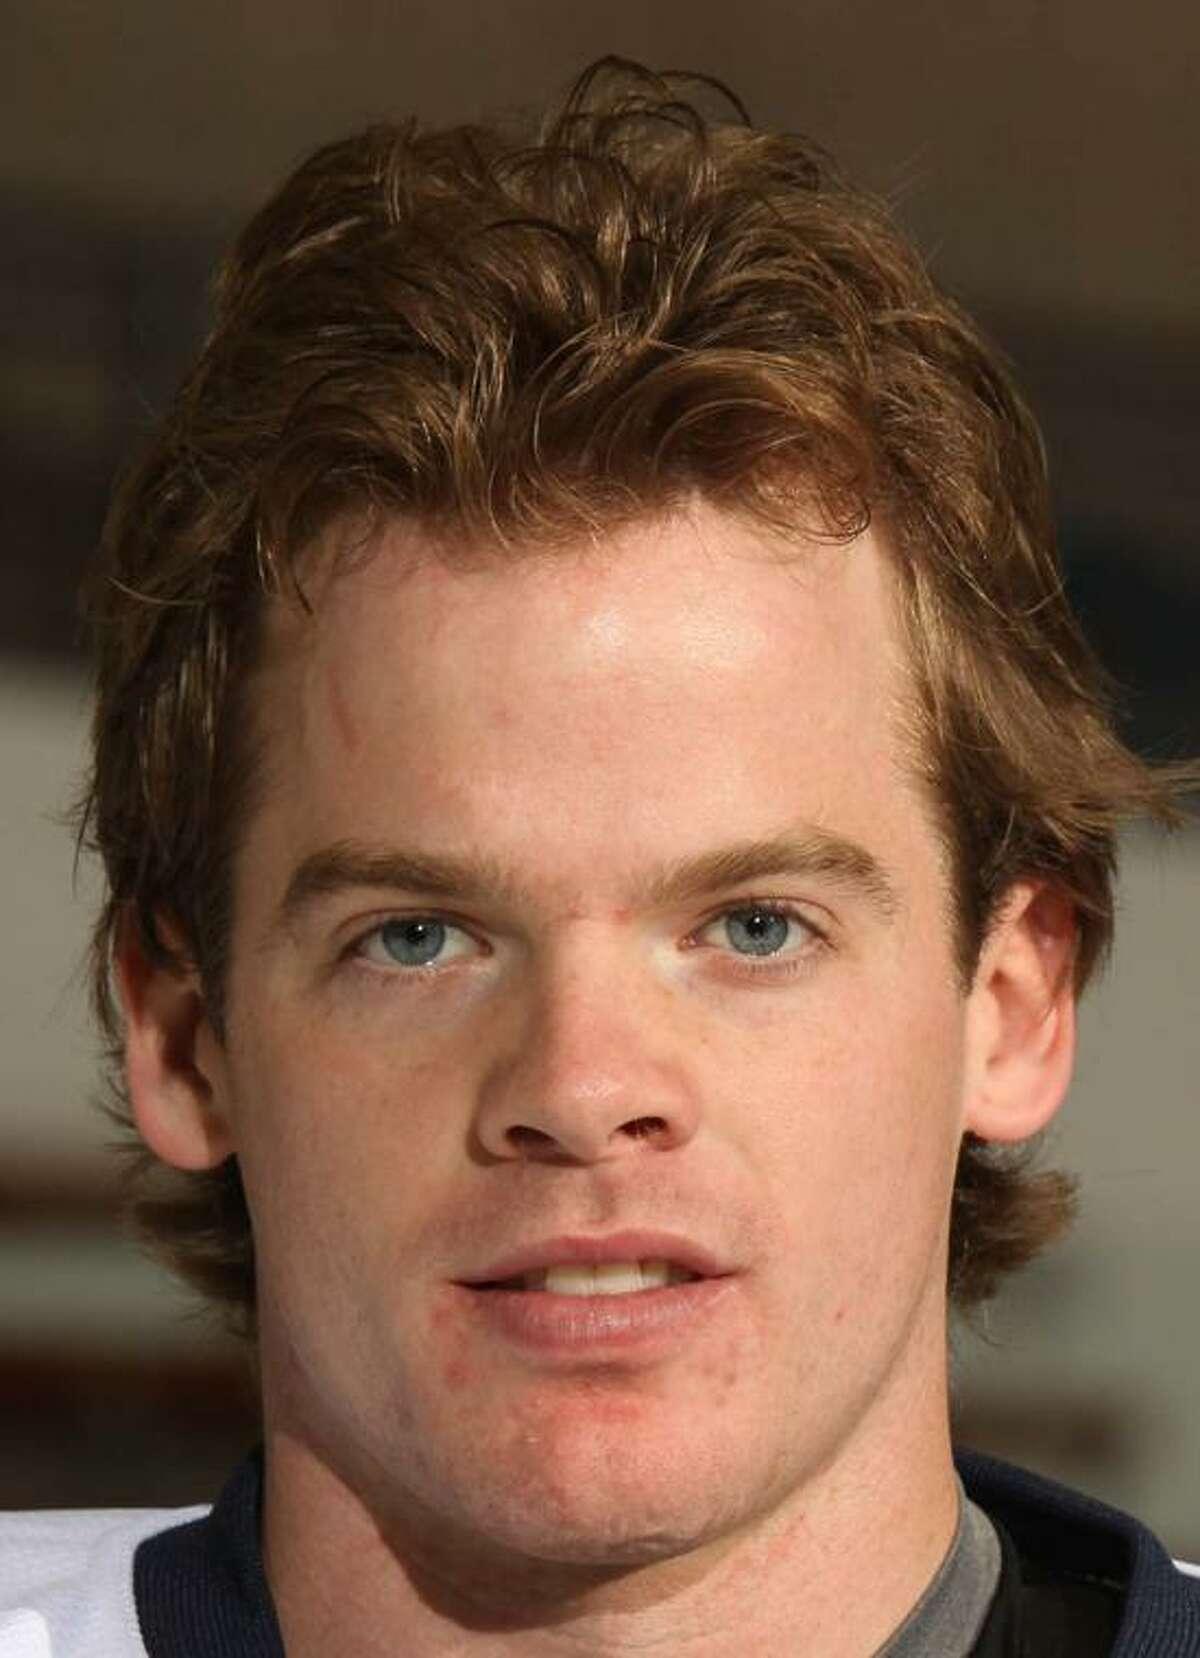 Yale hockey player Brian O'Neill. (Photo courtesy of Yale Athletics)